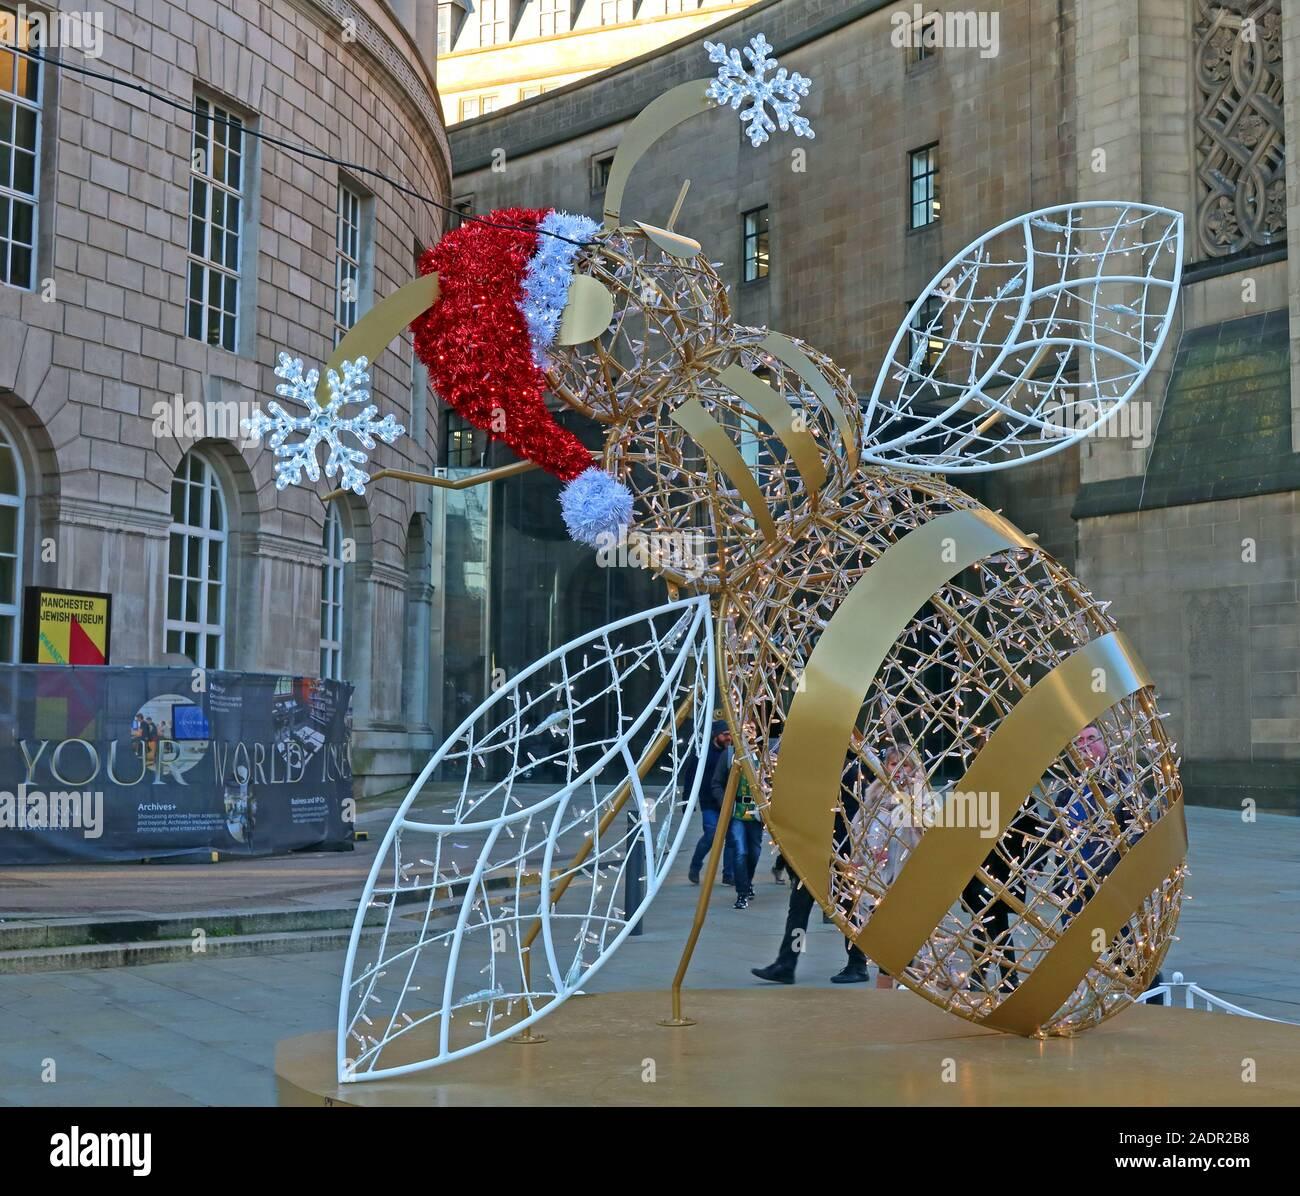 Dieses Stockfoto: Goldene Biene, Weihnachtsdekorationen, außerhalb der Manchester Central Library, St. Peter's Square, Manchester M2 5PD - 2ADR2B